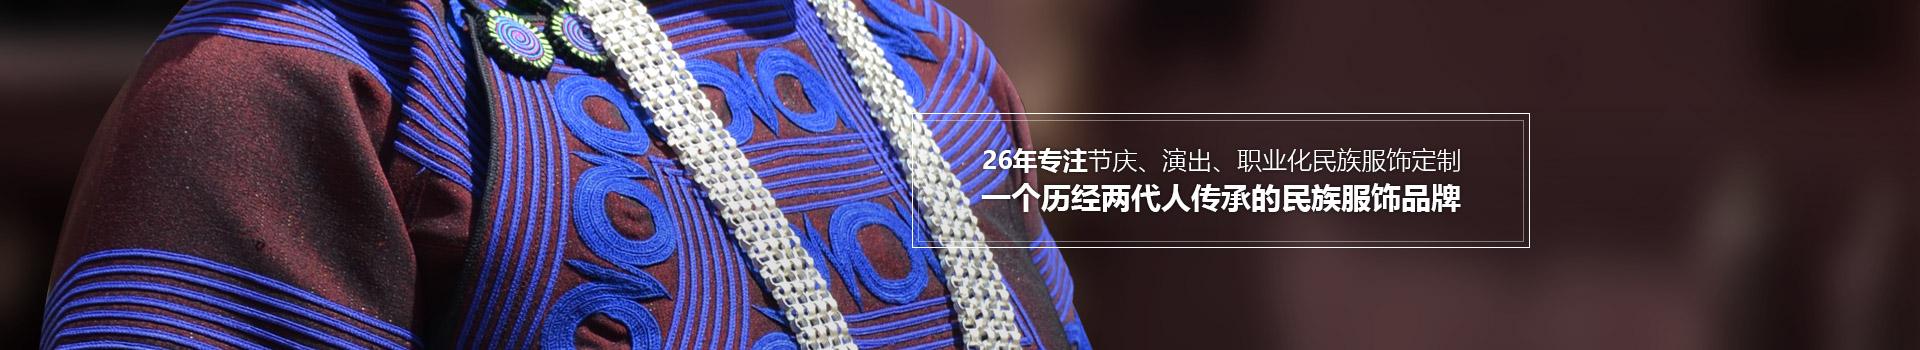 霓裳民族服饰 26年专注节庆 演出 职业化民族服饰定制